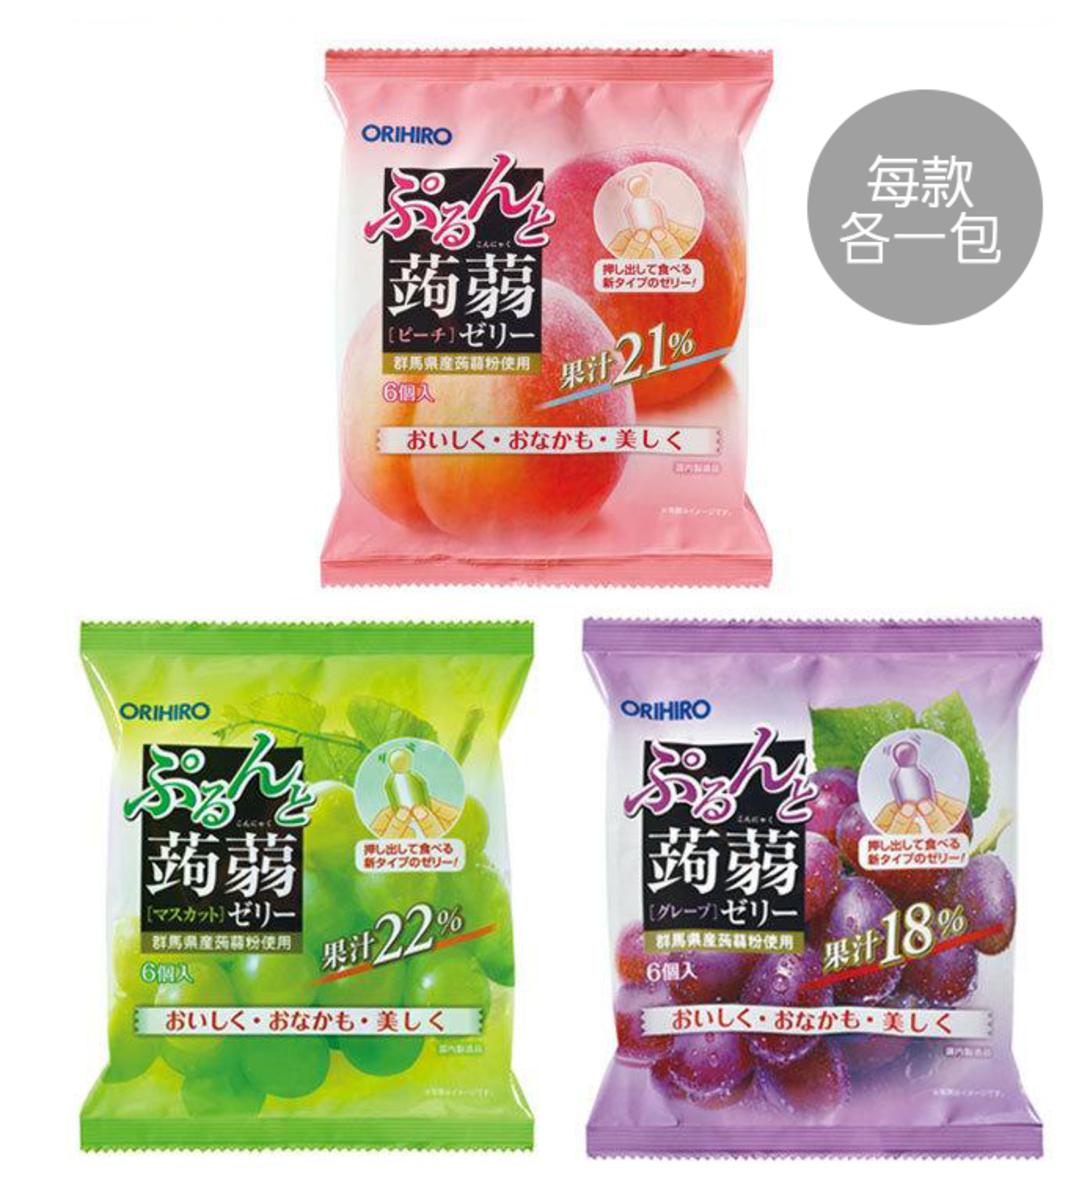 蒟蒻果凍20克x3包-(桃味,葡萄,青提各1包)